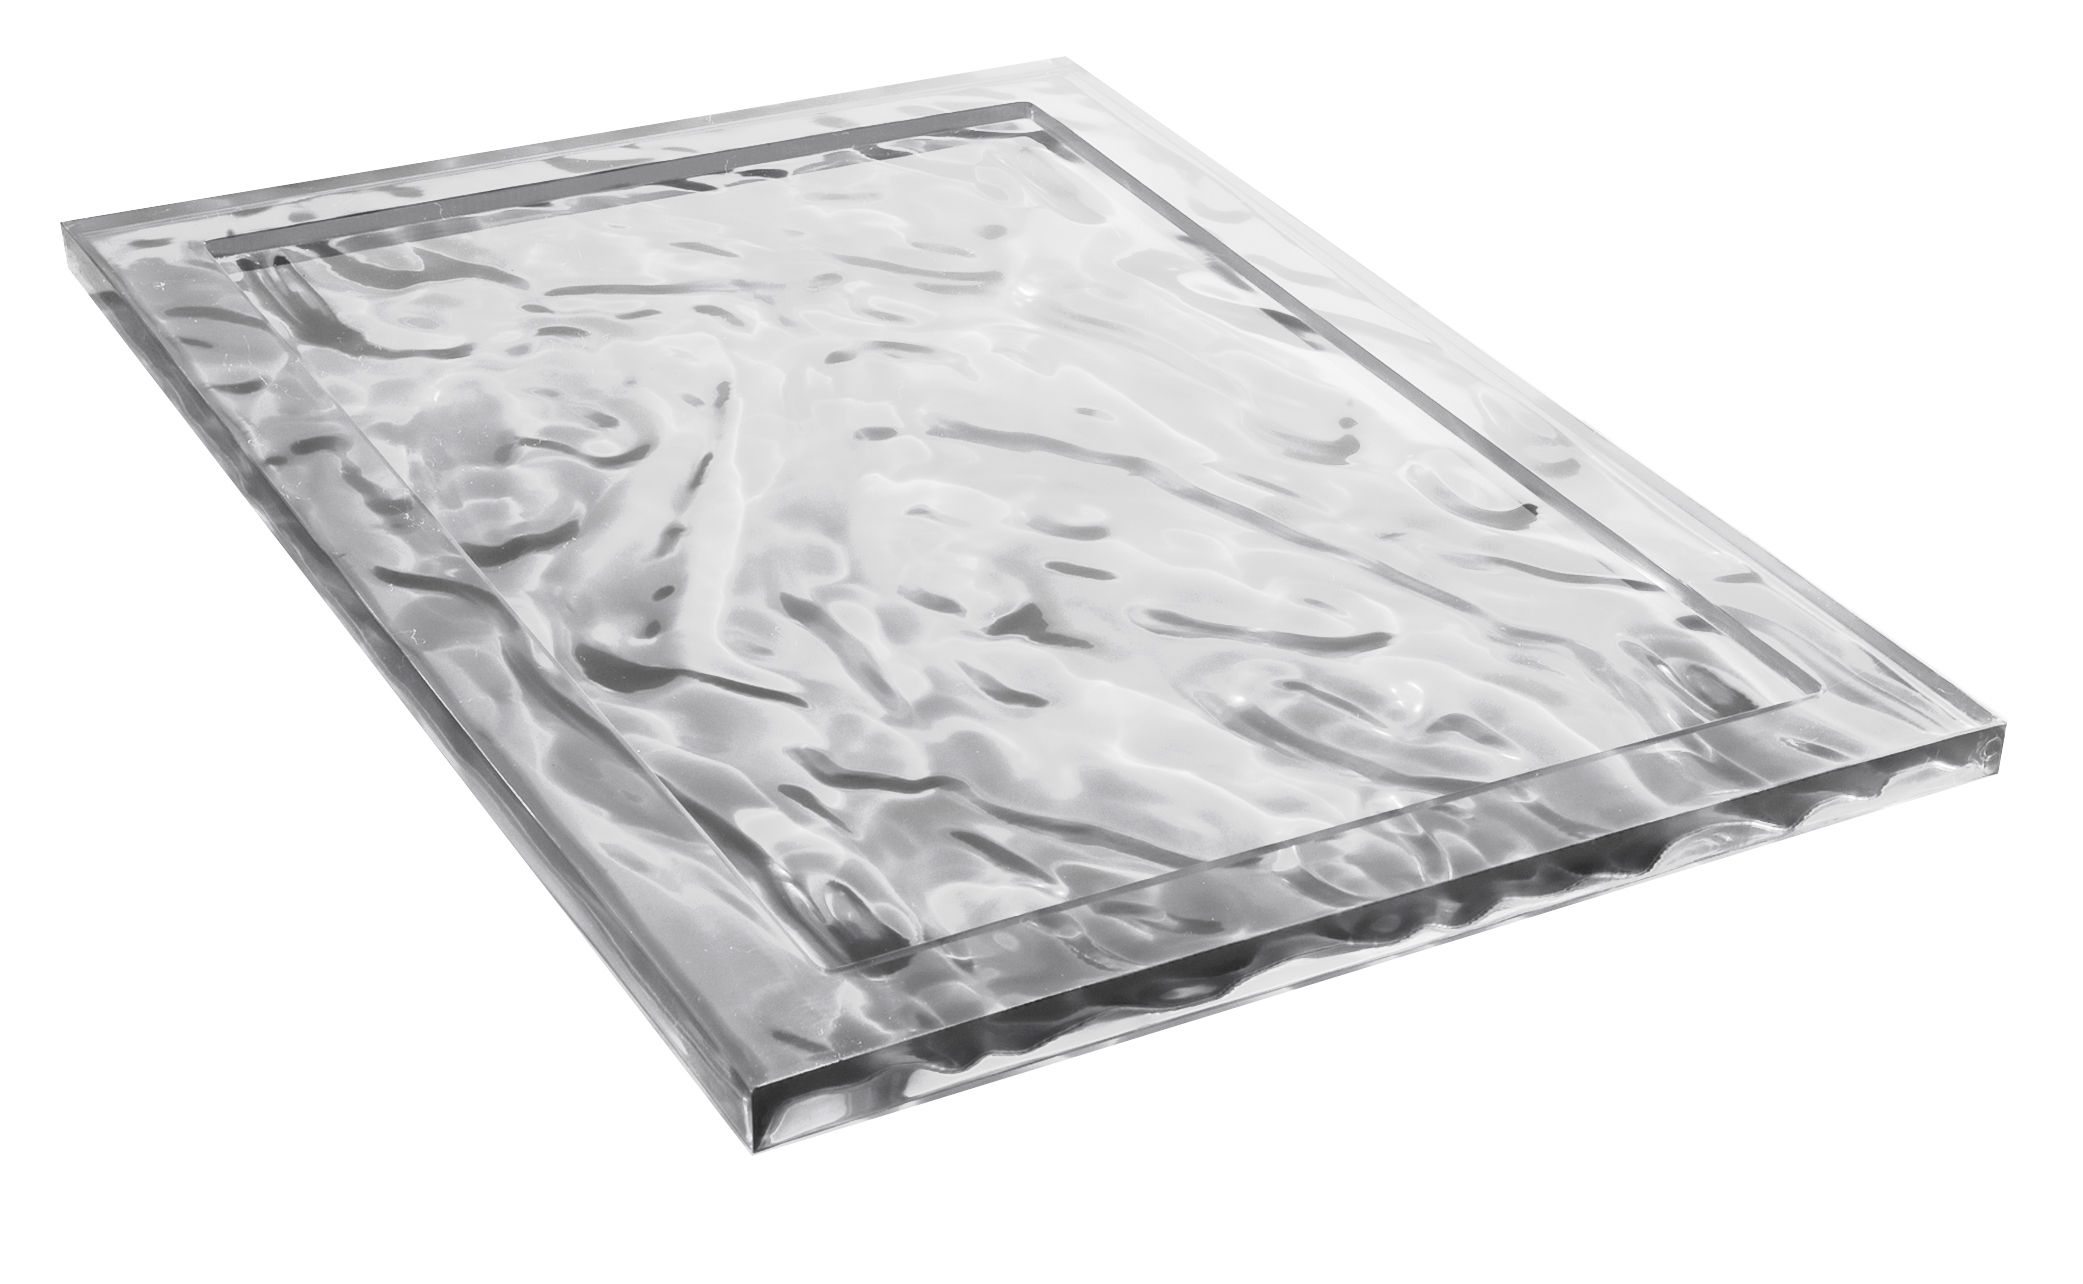 Tischkultur - Tabletts - Dune Large Tablett 55 x 38 cm - Kartell - Kristall - Technoplymer